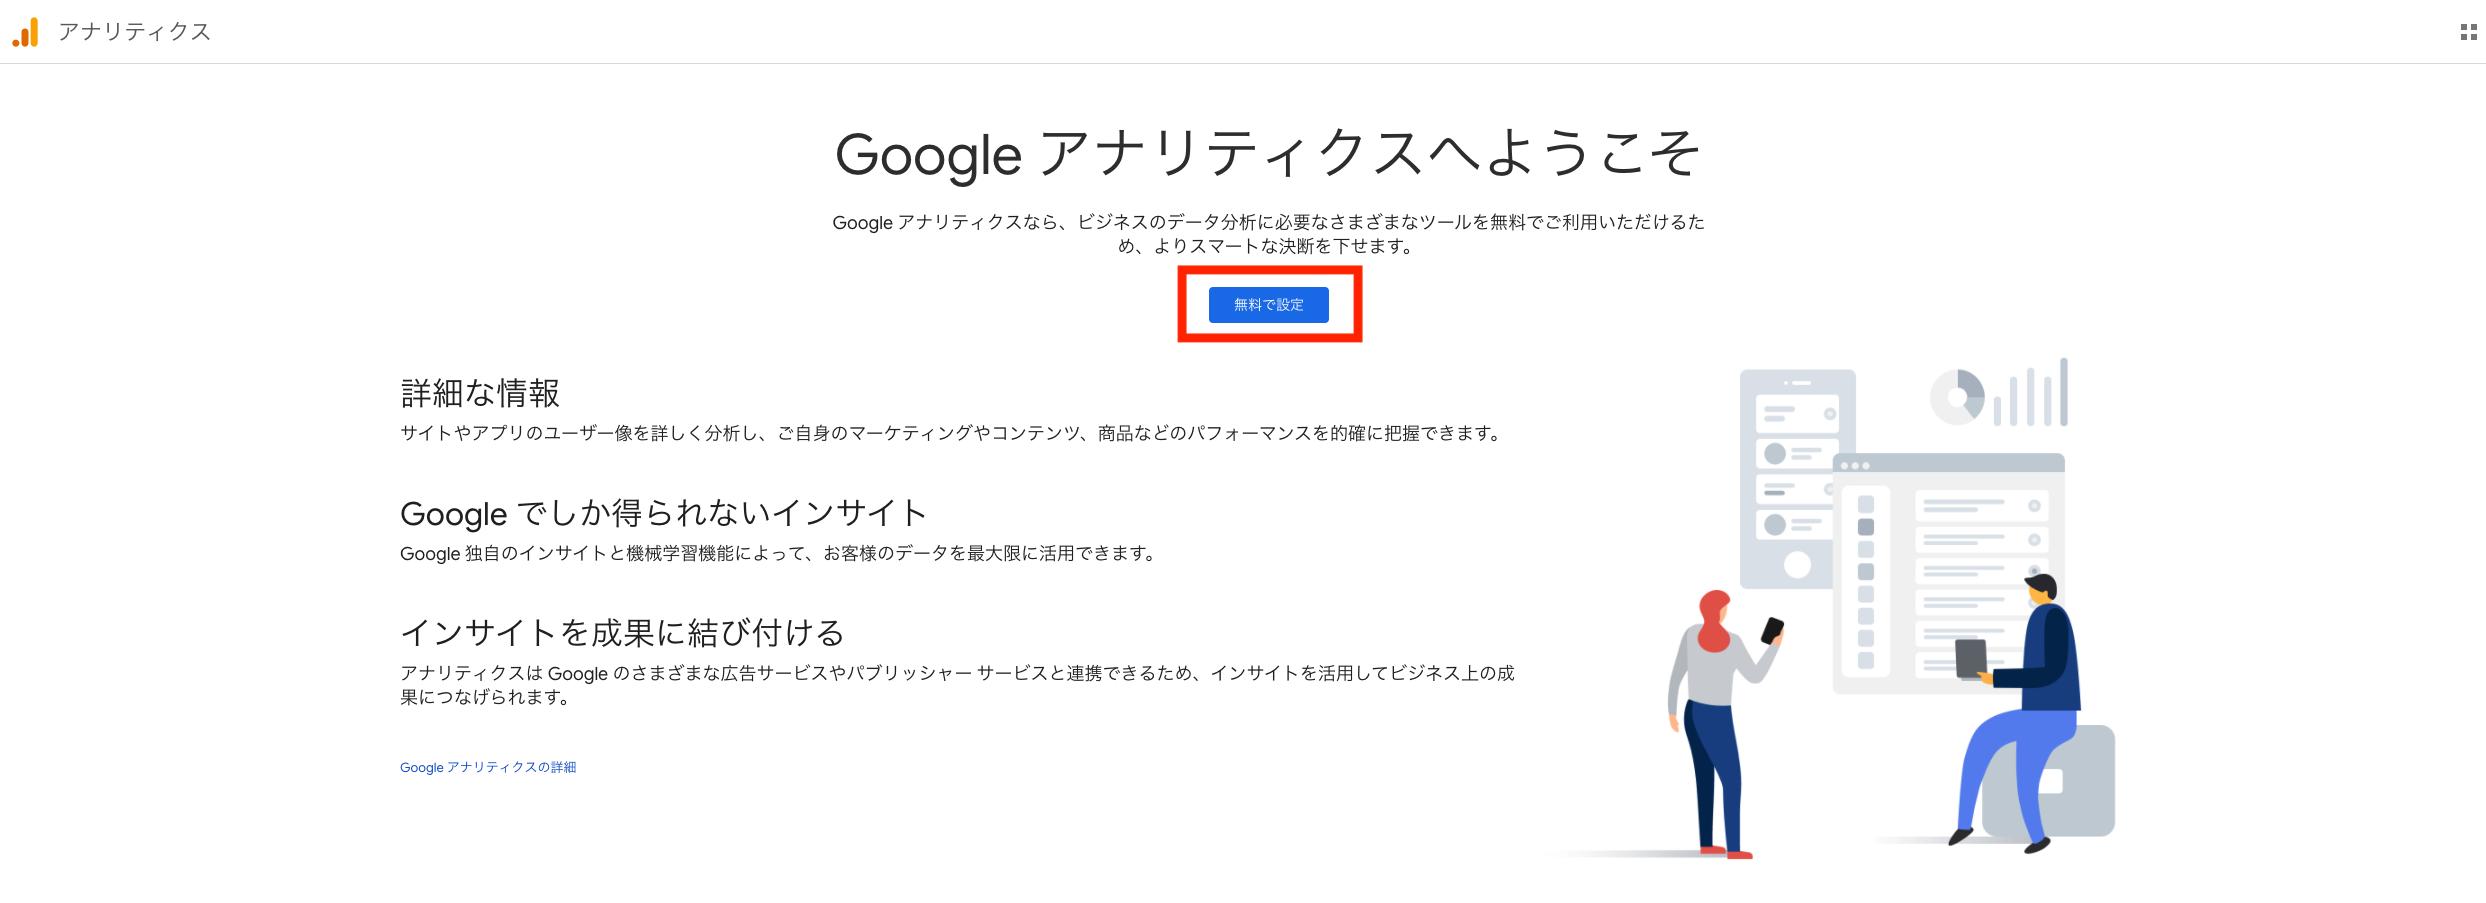 Google アナリティクスを設定する